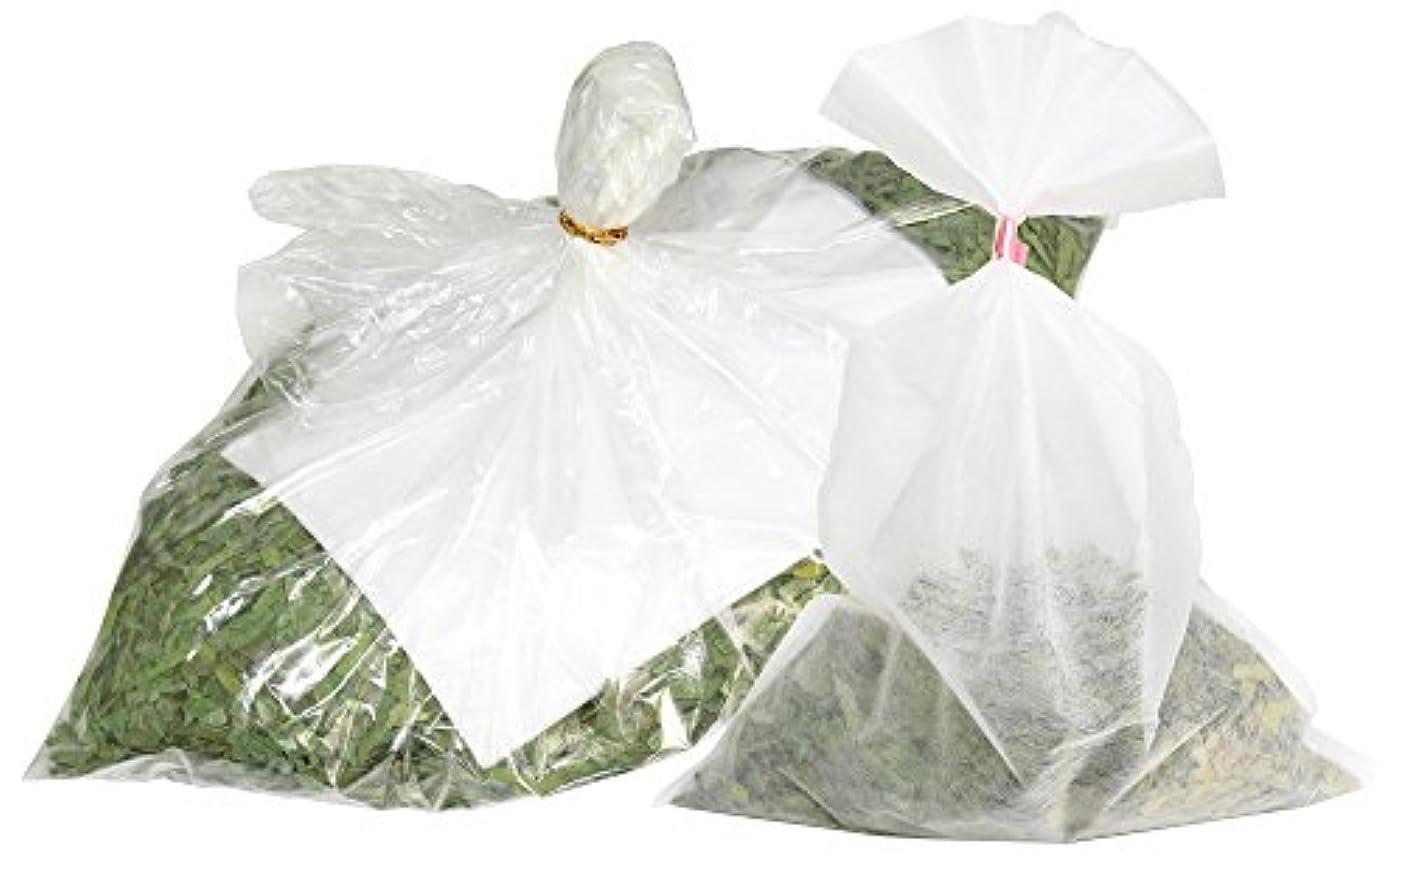 自然健康社 シジュウムの湯 600g 乾燥刻み 不織布付き